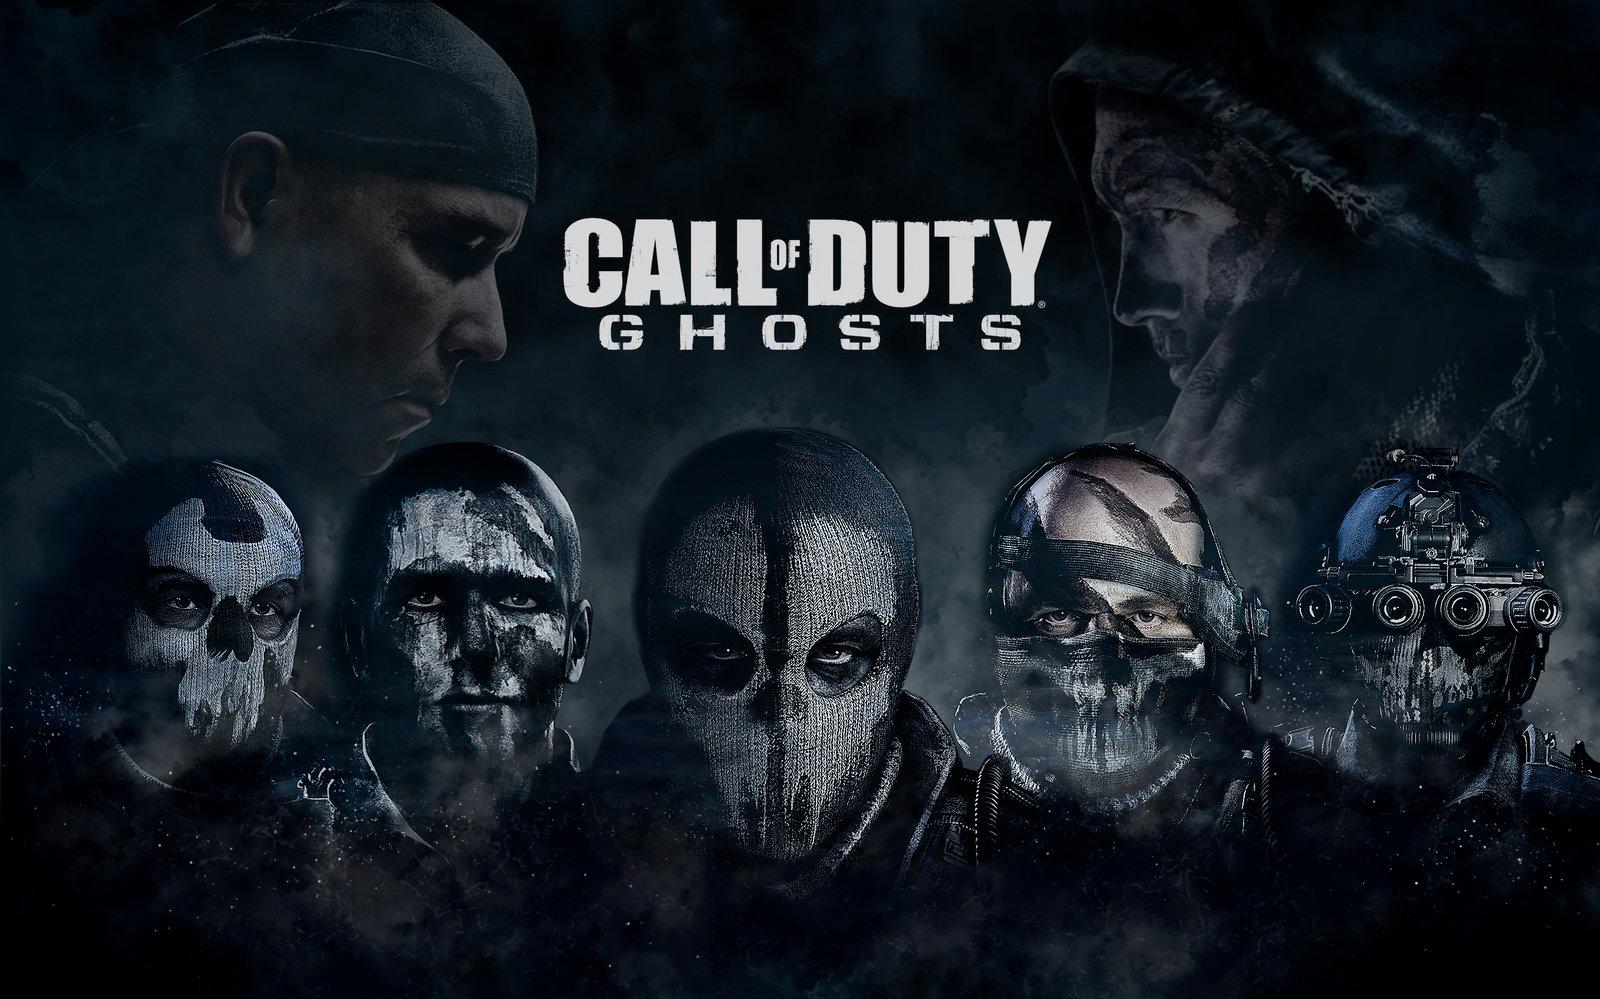 Wallpaper Call of Duty Ghost - WallpaperSafari